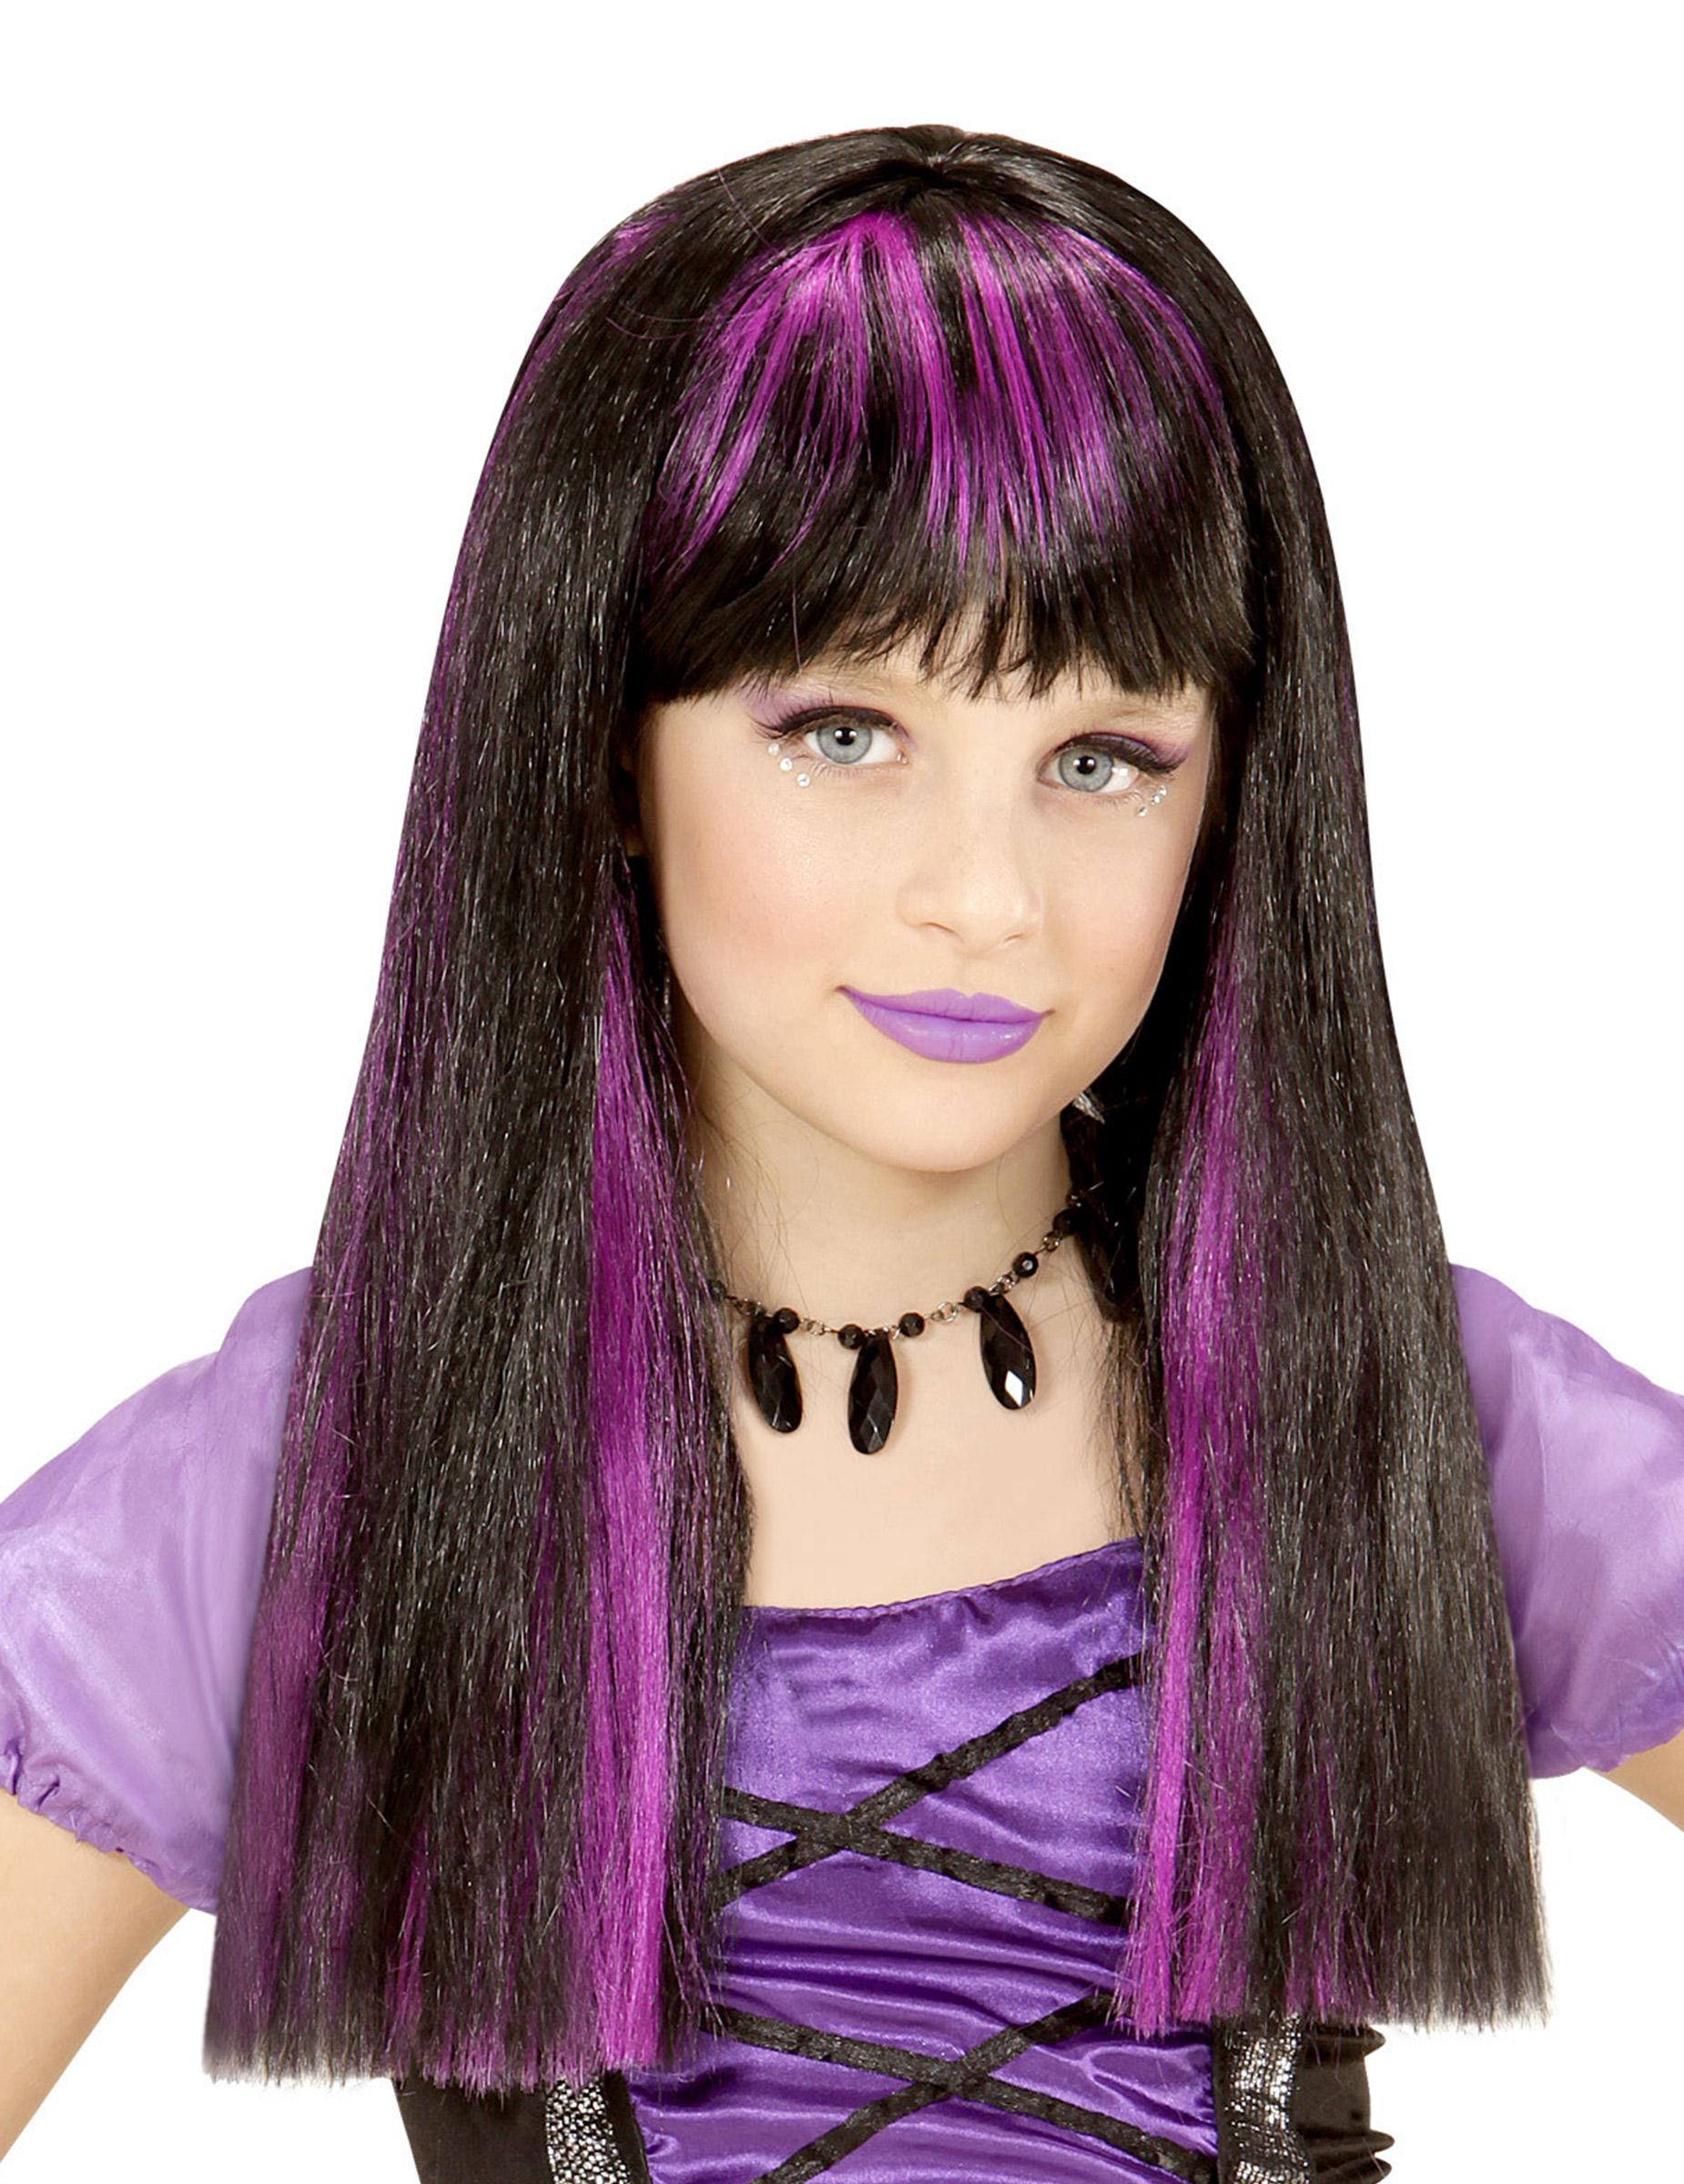 Hexen-Perücke für Mädchen Kostümzubehör schwarz-lila 296154